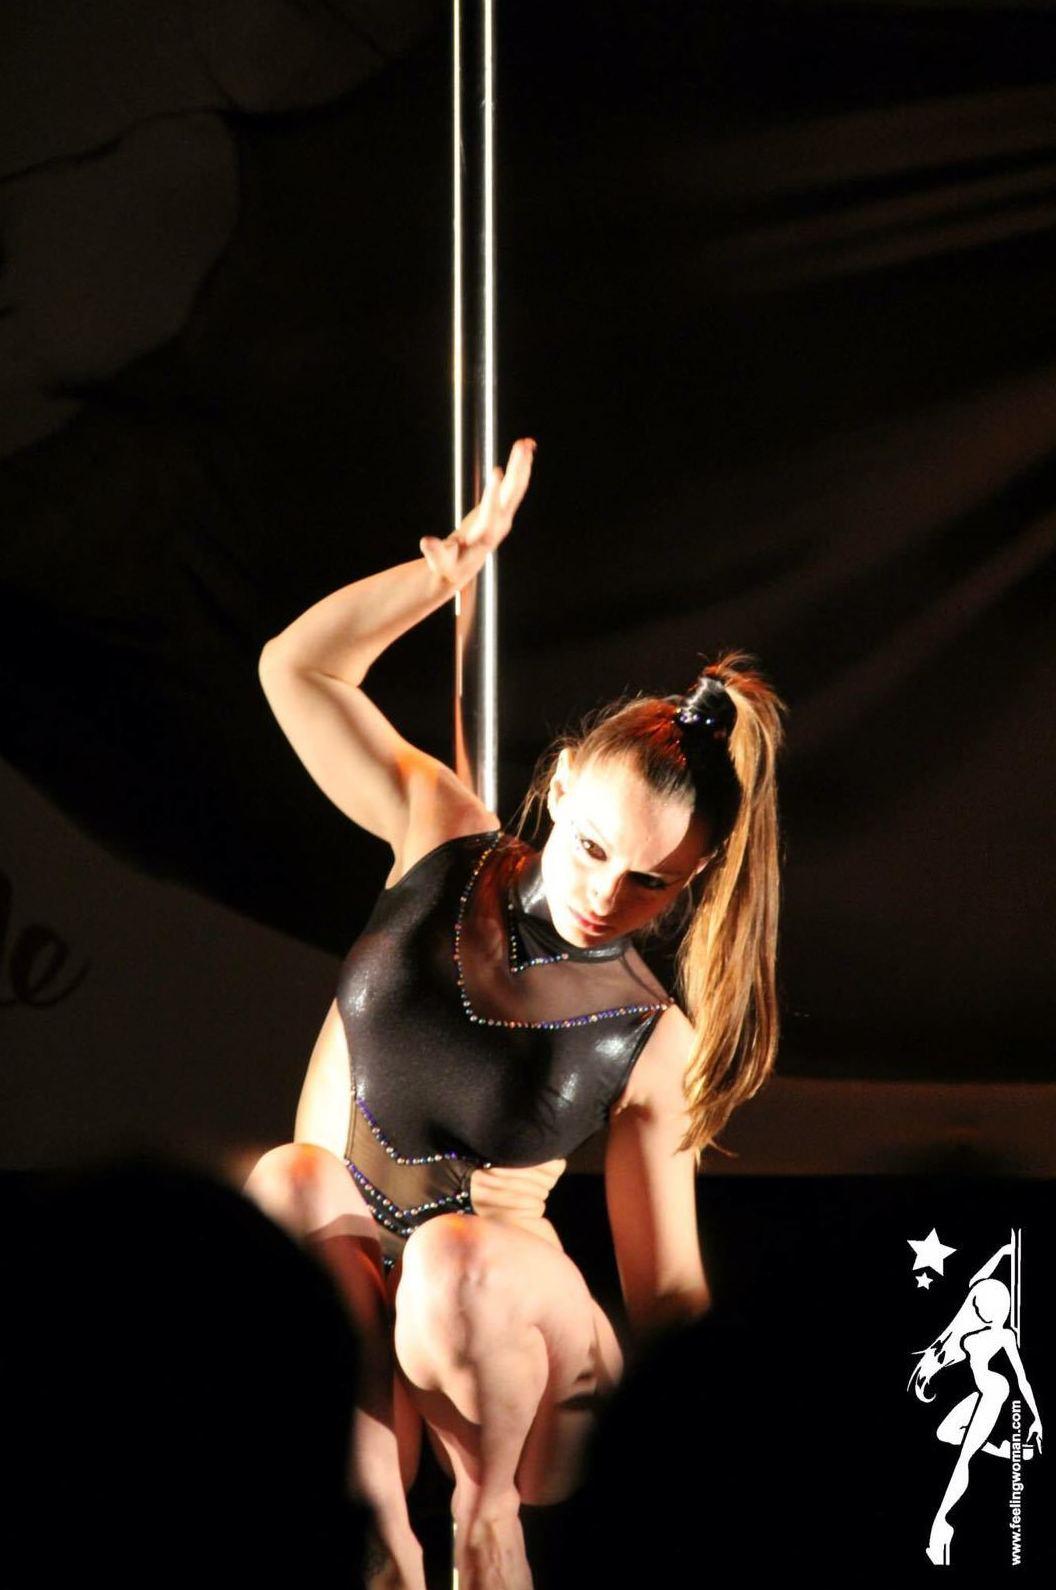 Foto 33 de Escuelas de música, danza e interpretación en Barcelona | Feeling Woman